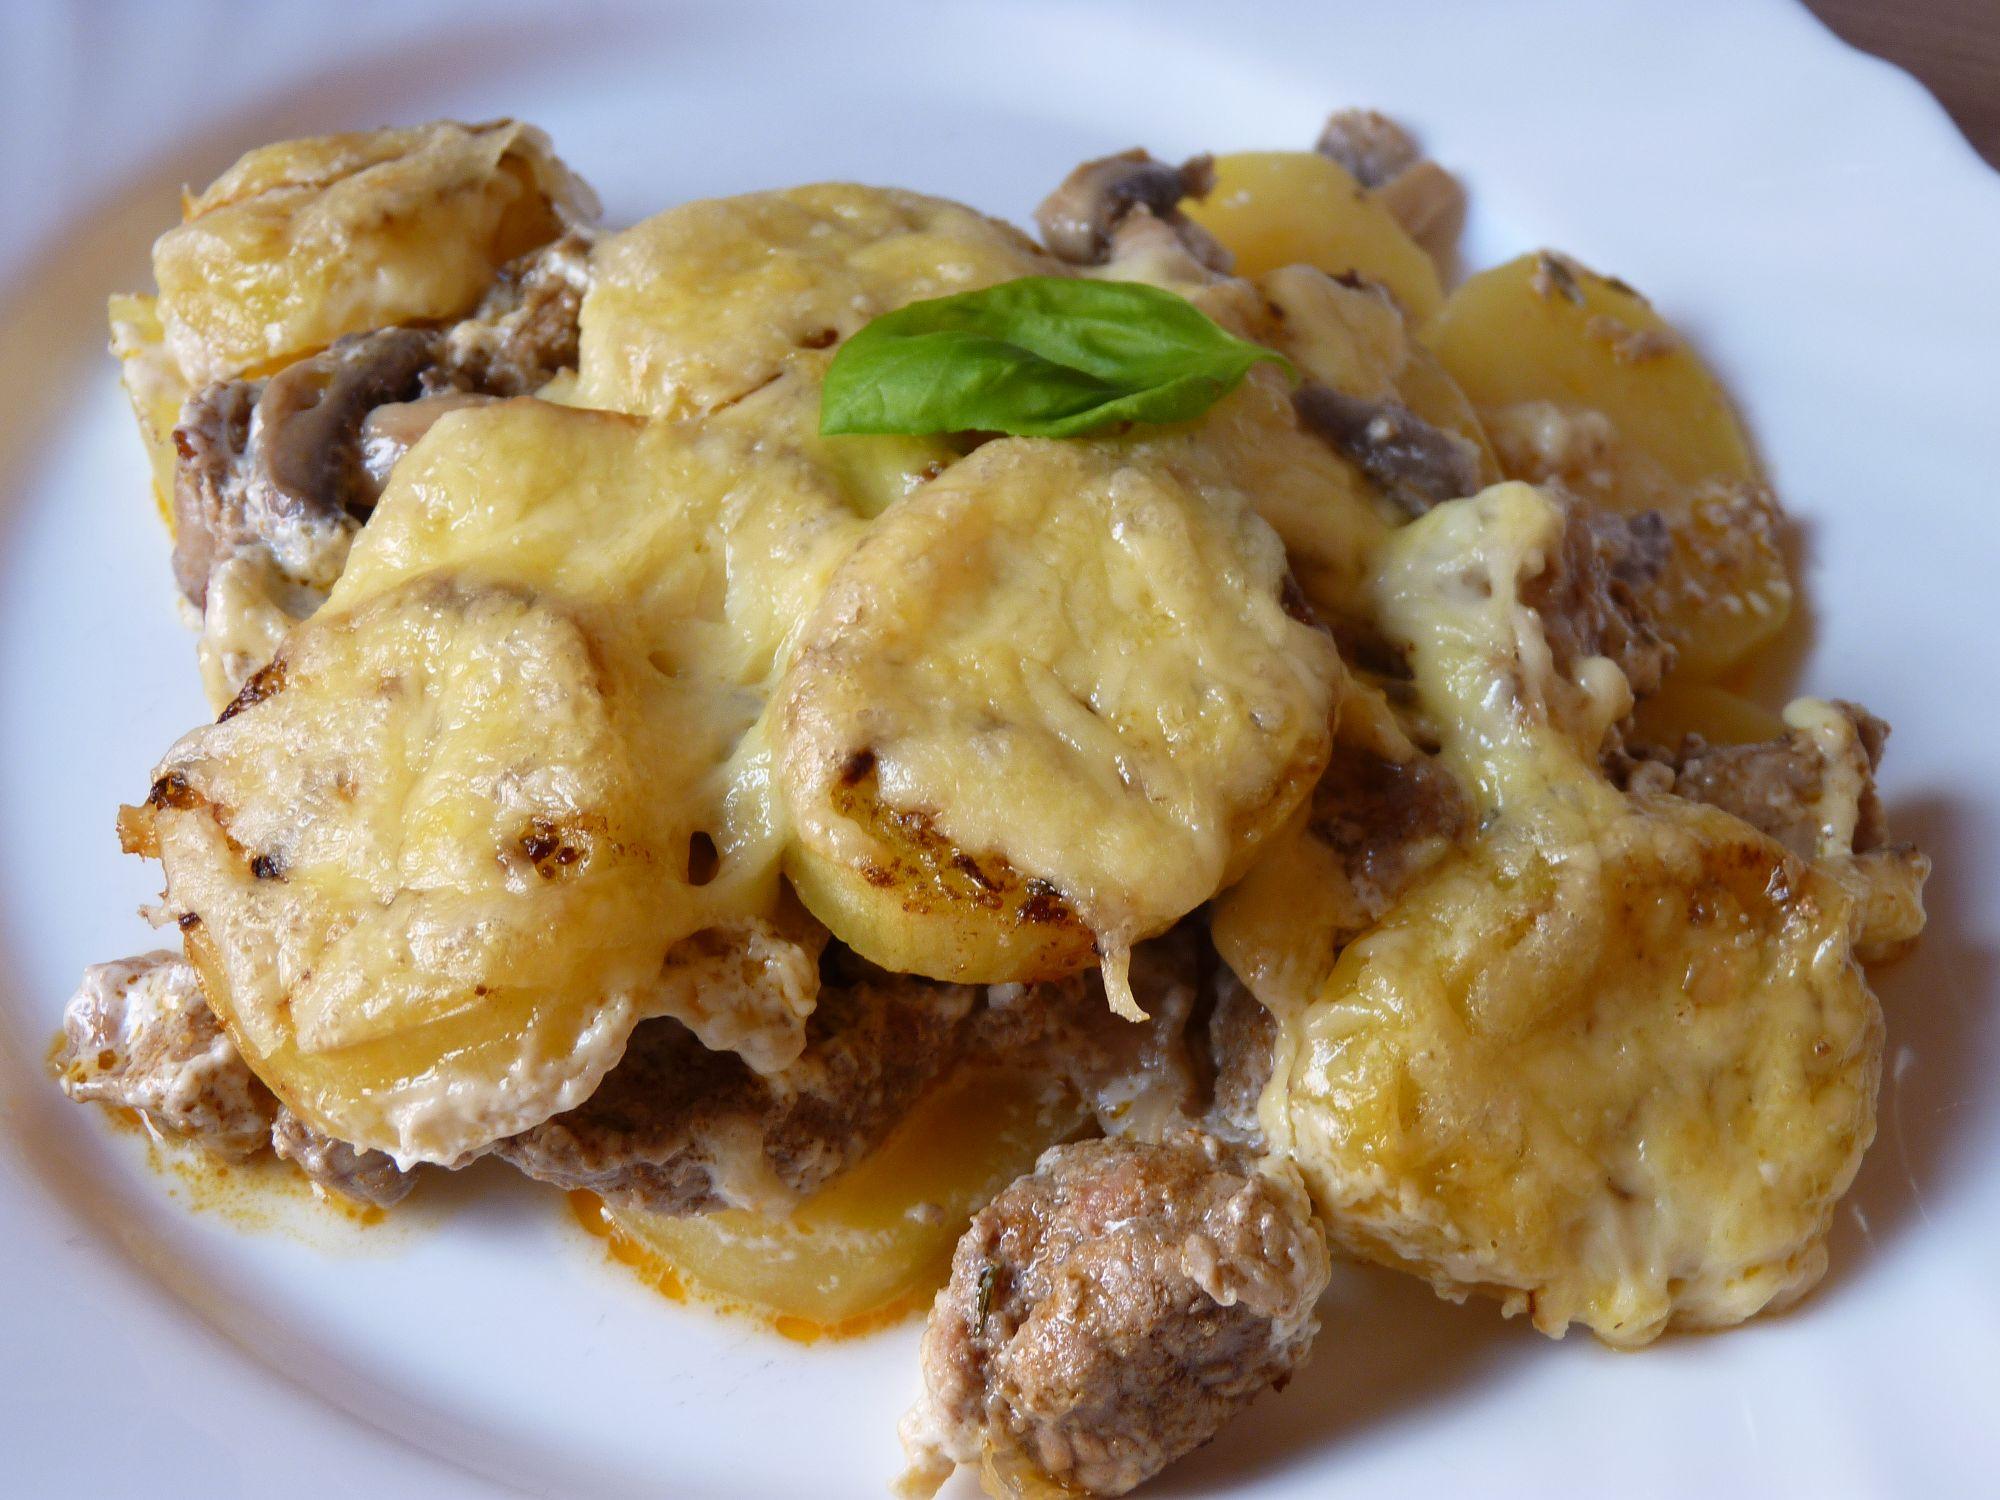 Vepřové maso zapečené s brambory a žampiony